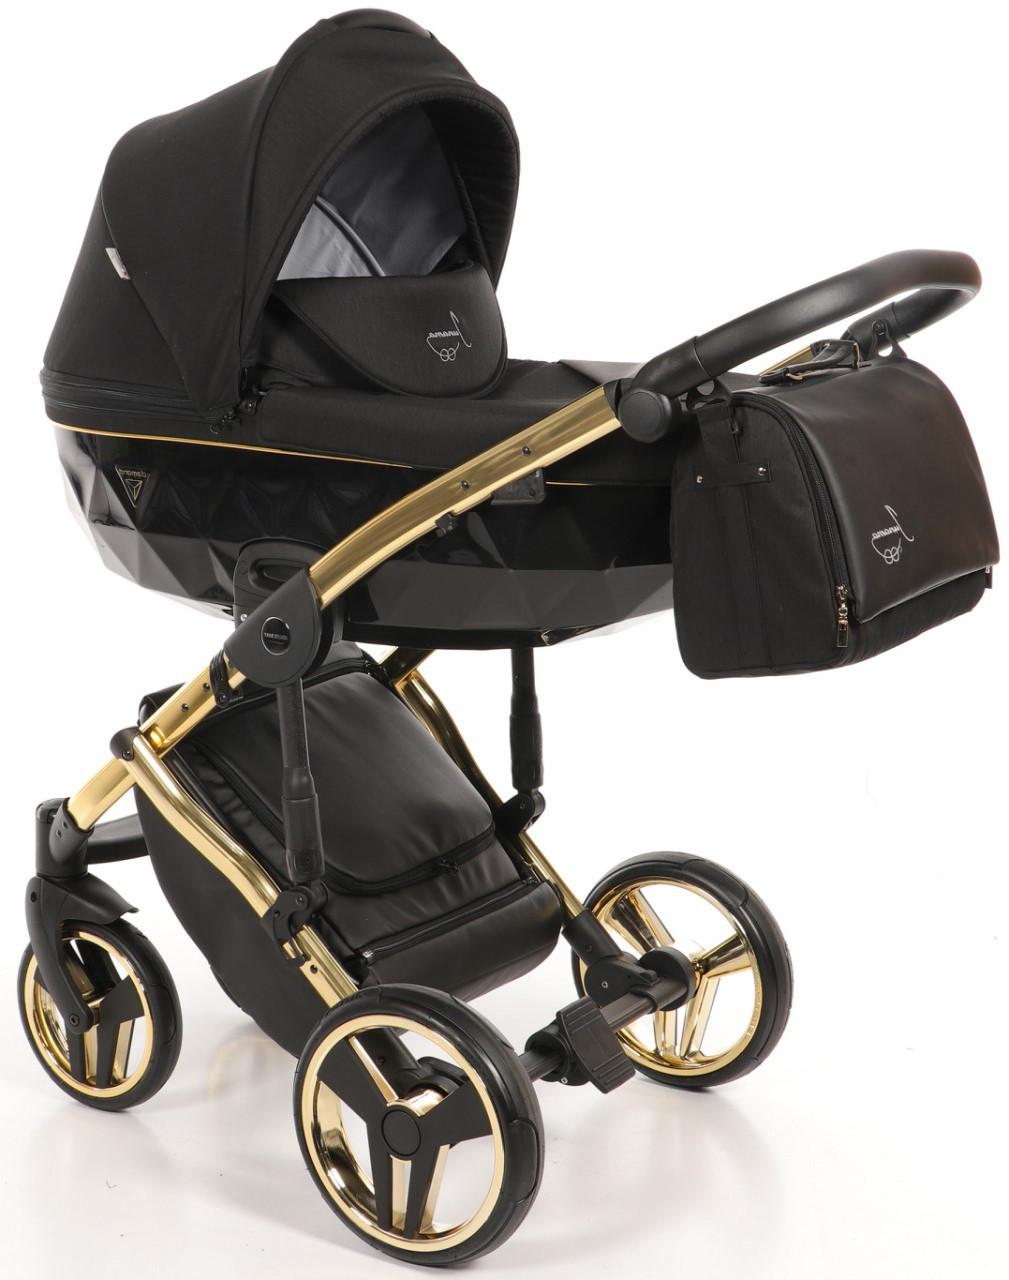 Детская универсальная коляска 2 в 1 Junama Diamond S-line Gold